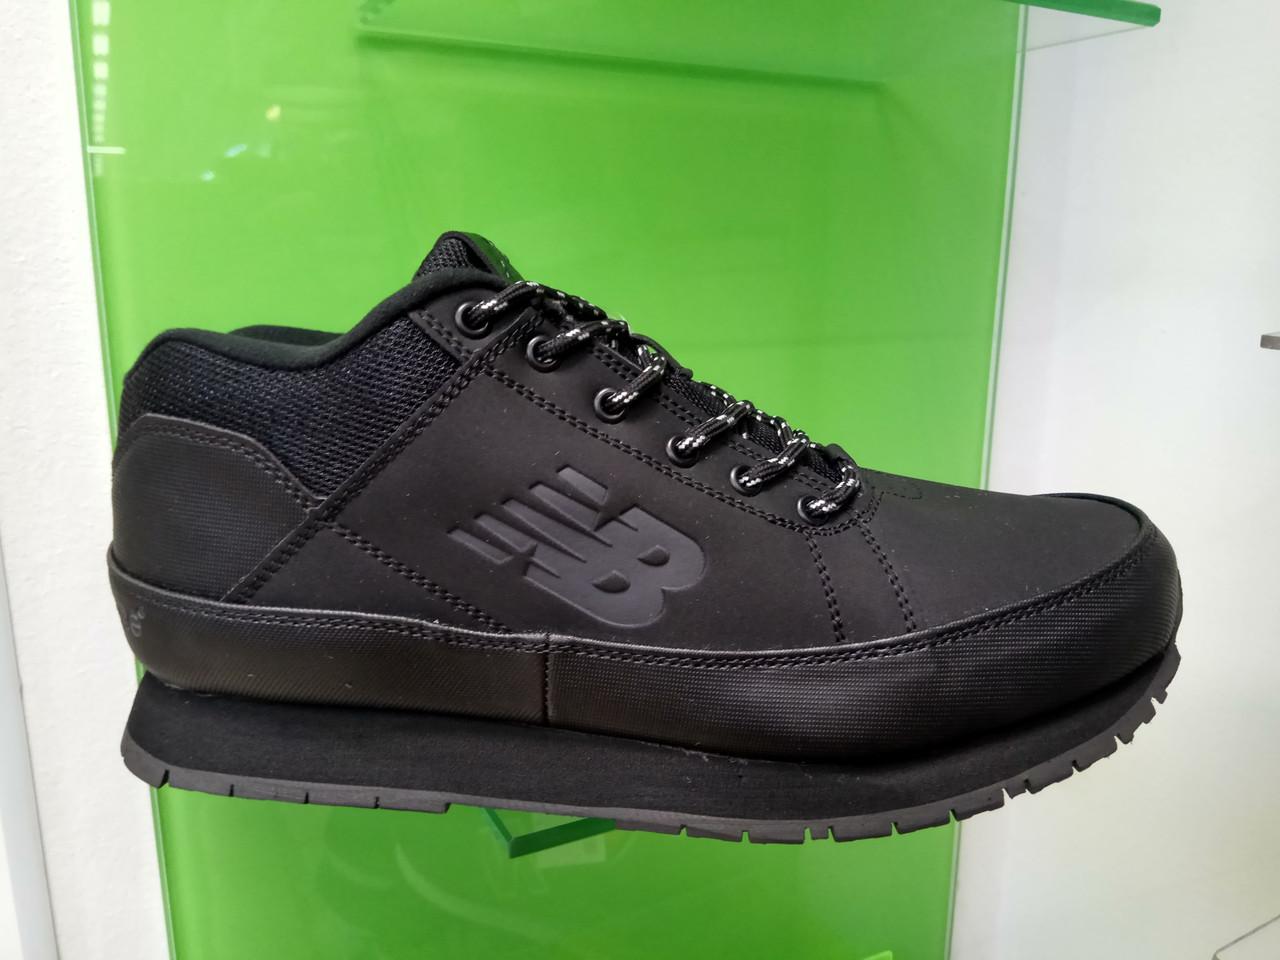 Мужские зимние кроссовки New Balance 754 Black  продажа, цена в ... ea98a25601a